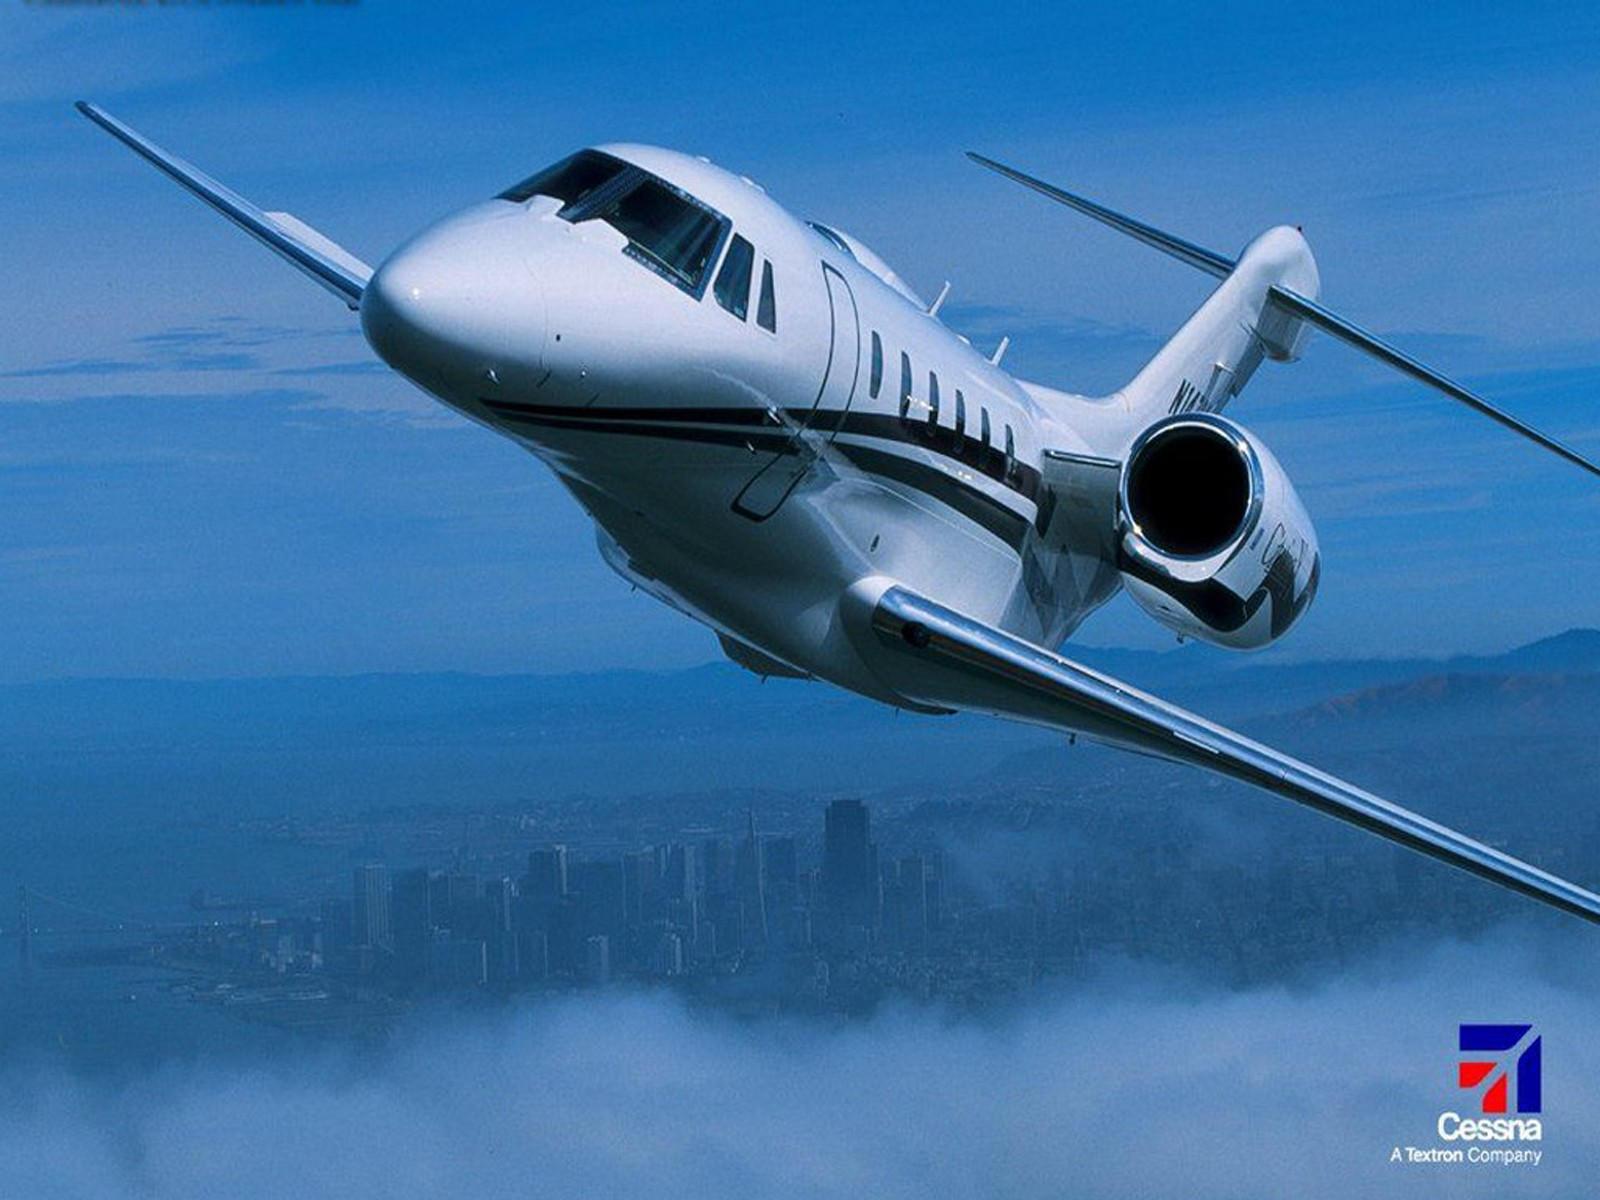 Сессна-750 Сайтейшен X самолёт бизнес-класса